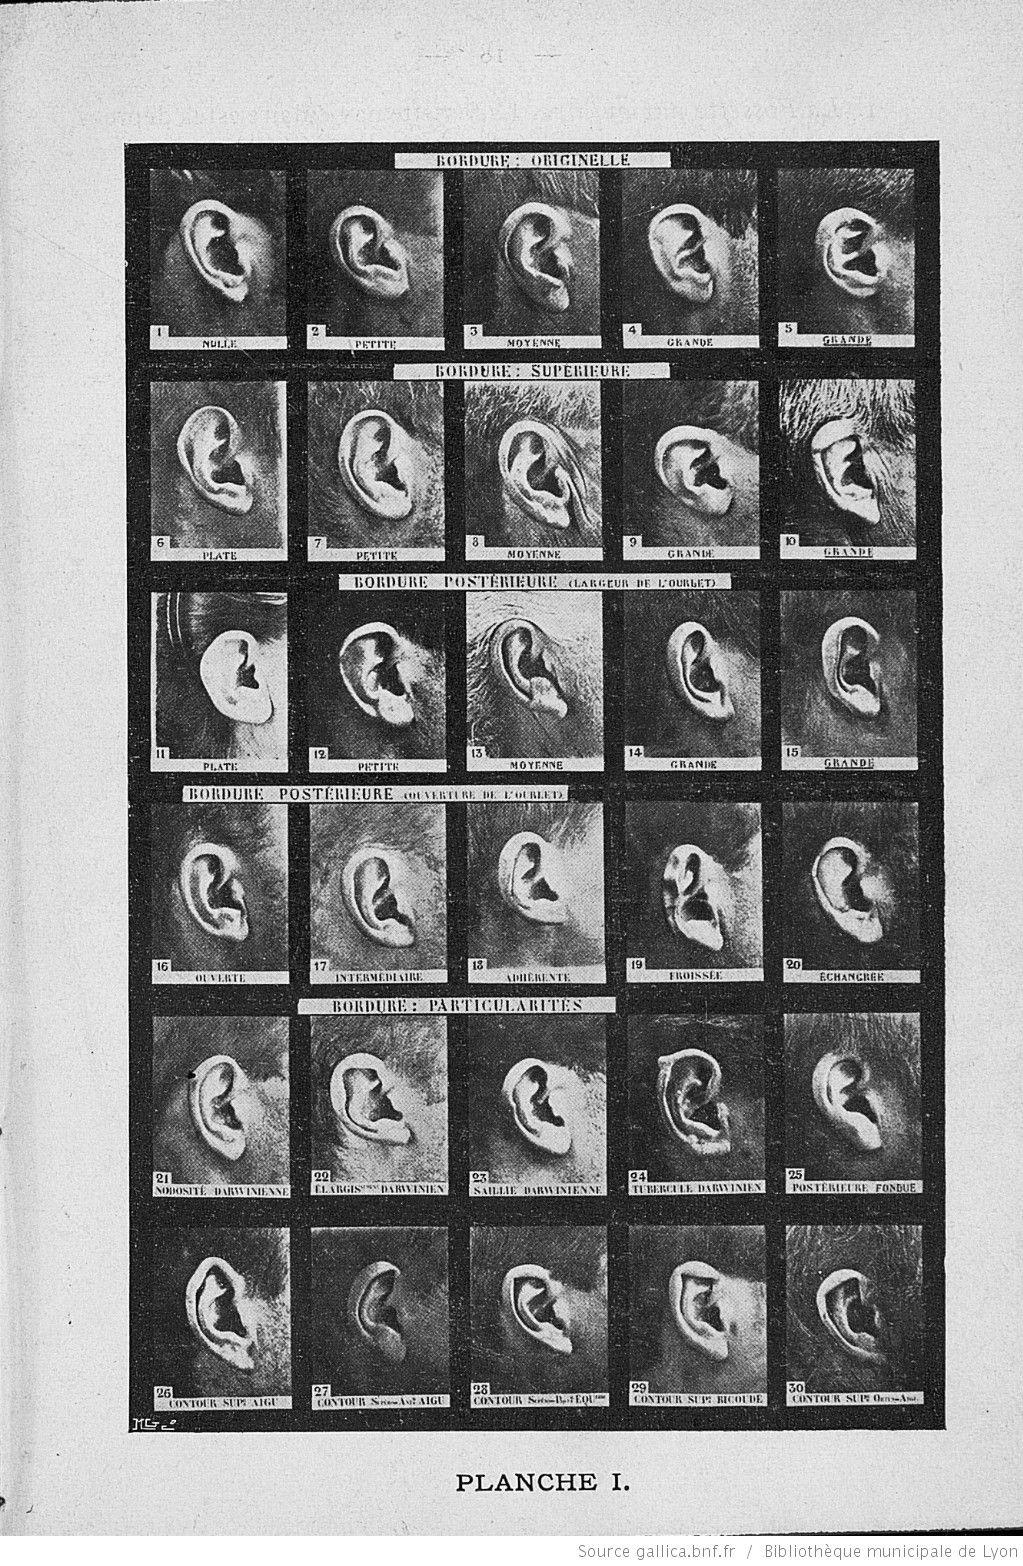 Manuel Du Portrait Parle Methode Alphonse Bertillon A L Usage De La Police Avec Vocabulaire Francais Vocabulaire Francais Vocabulaire Apprendre L Anglais